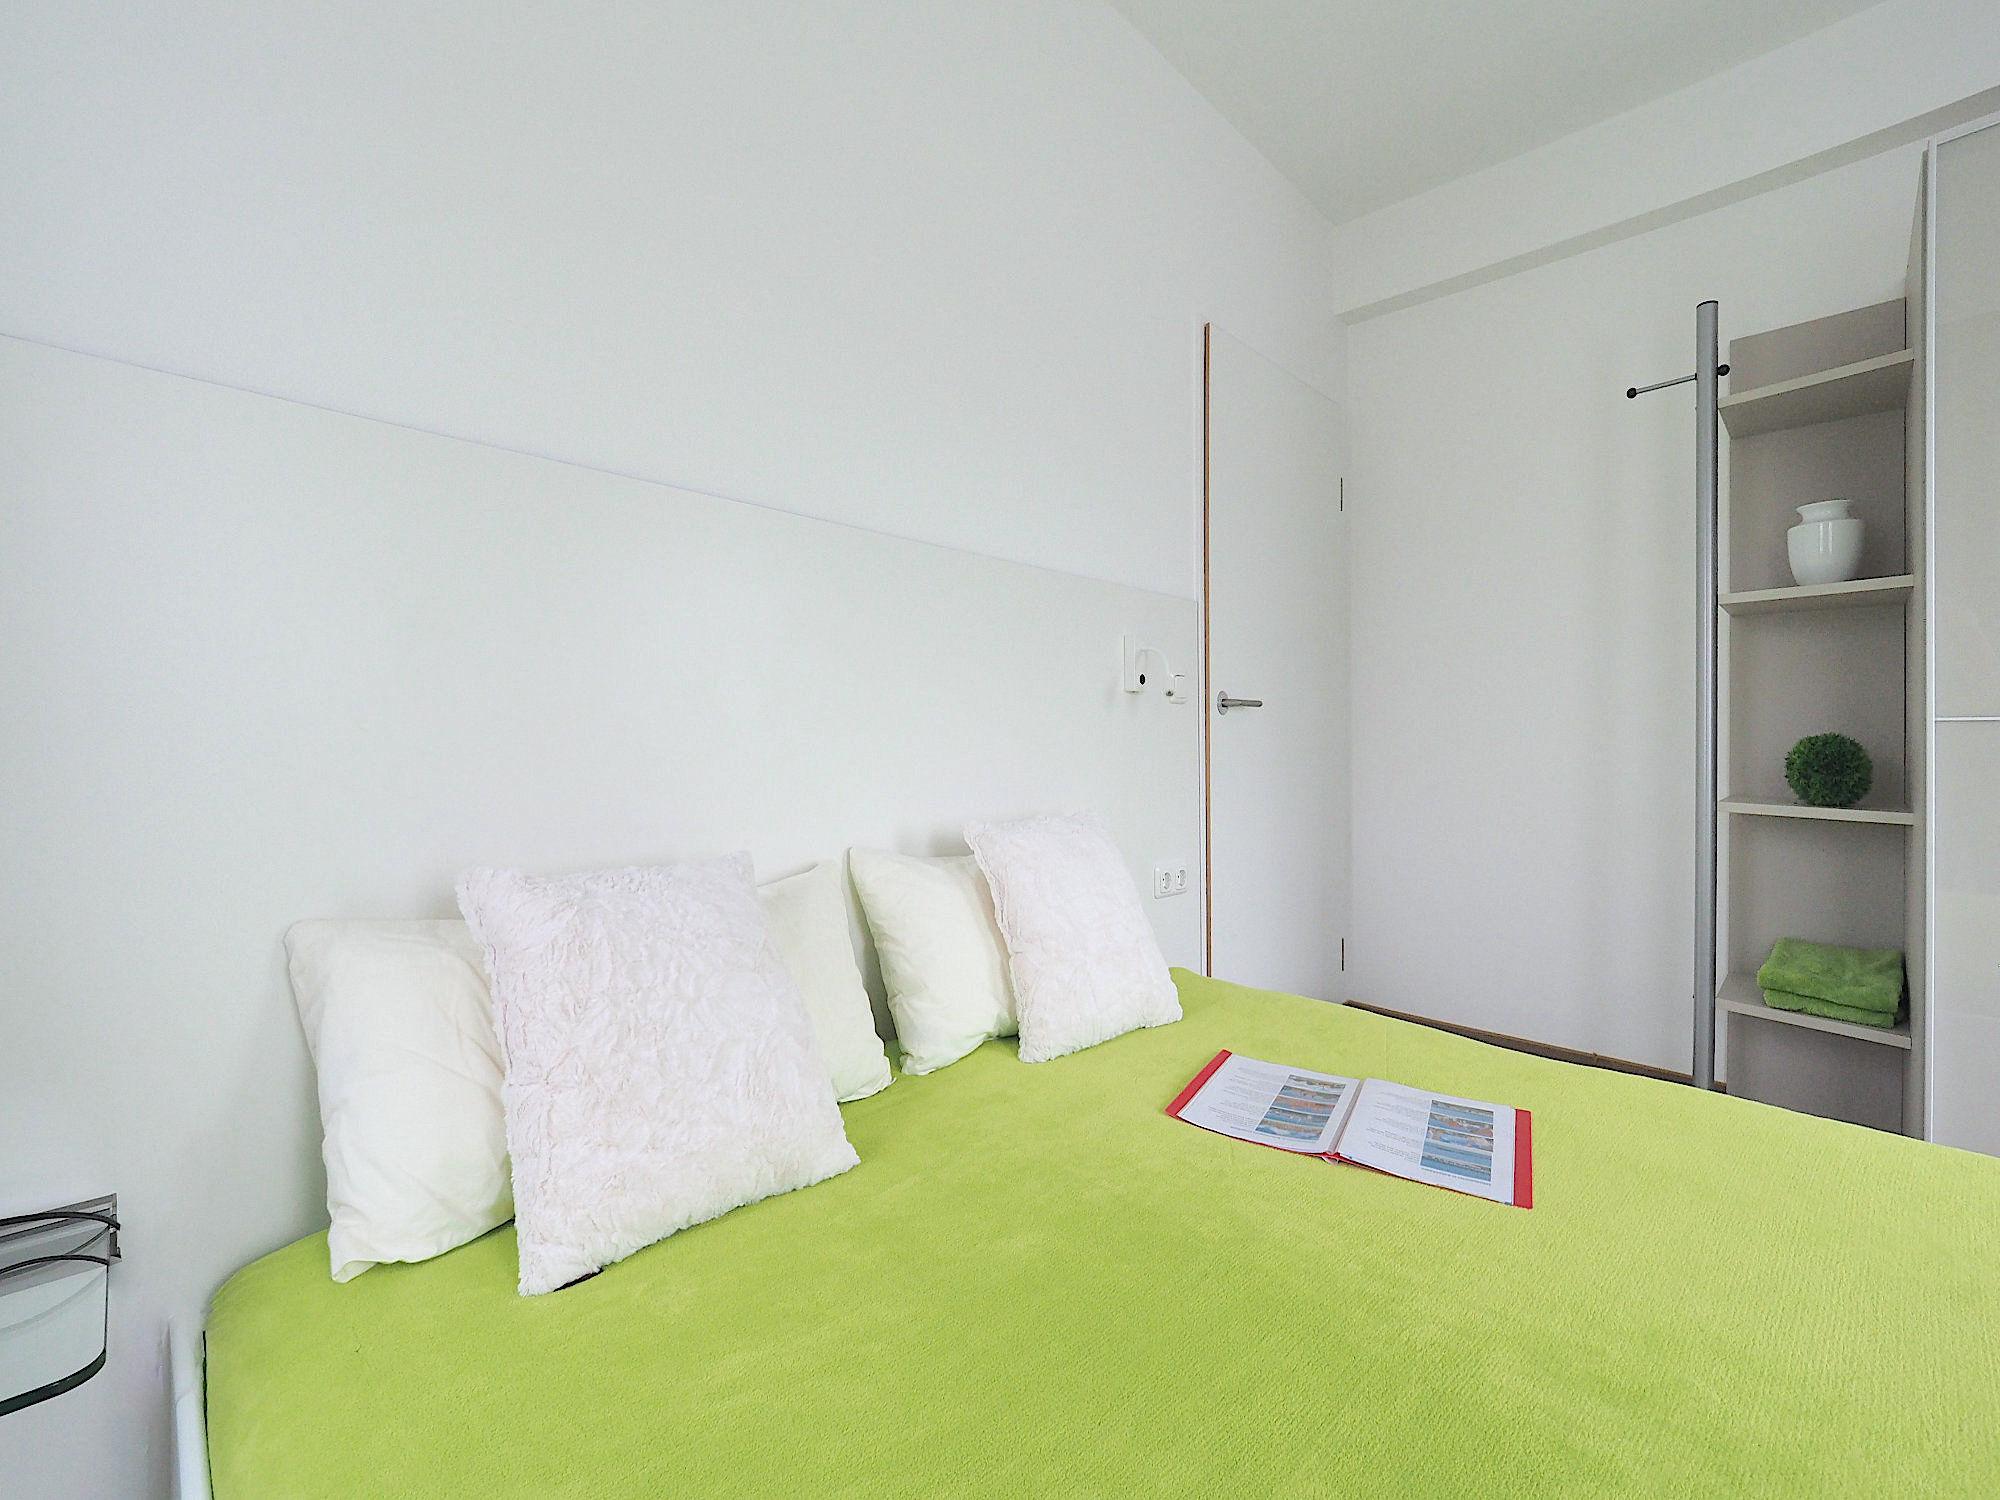 Zweites Schlafzimmer mit Doppelbett, dahinter ein großer Kleiderschrank mit Regalteil